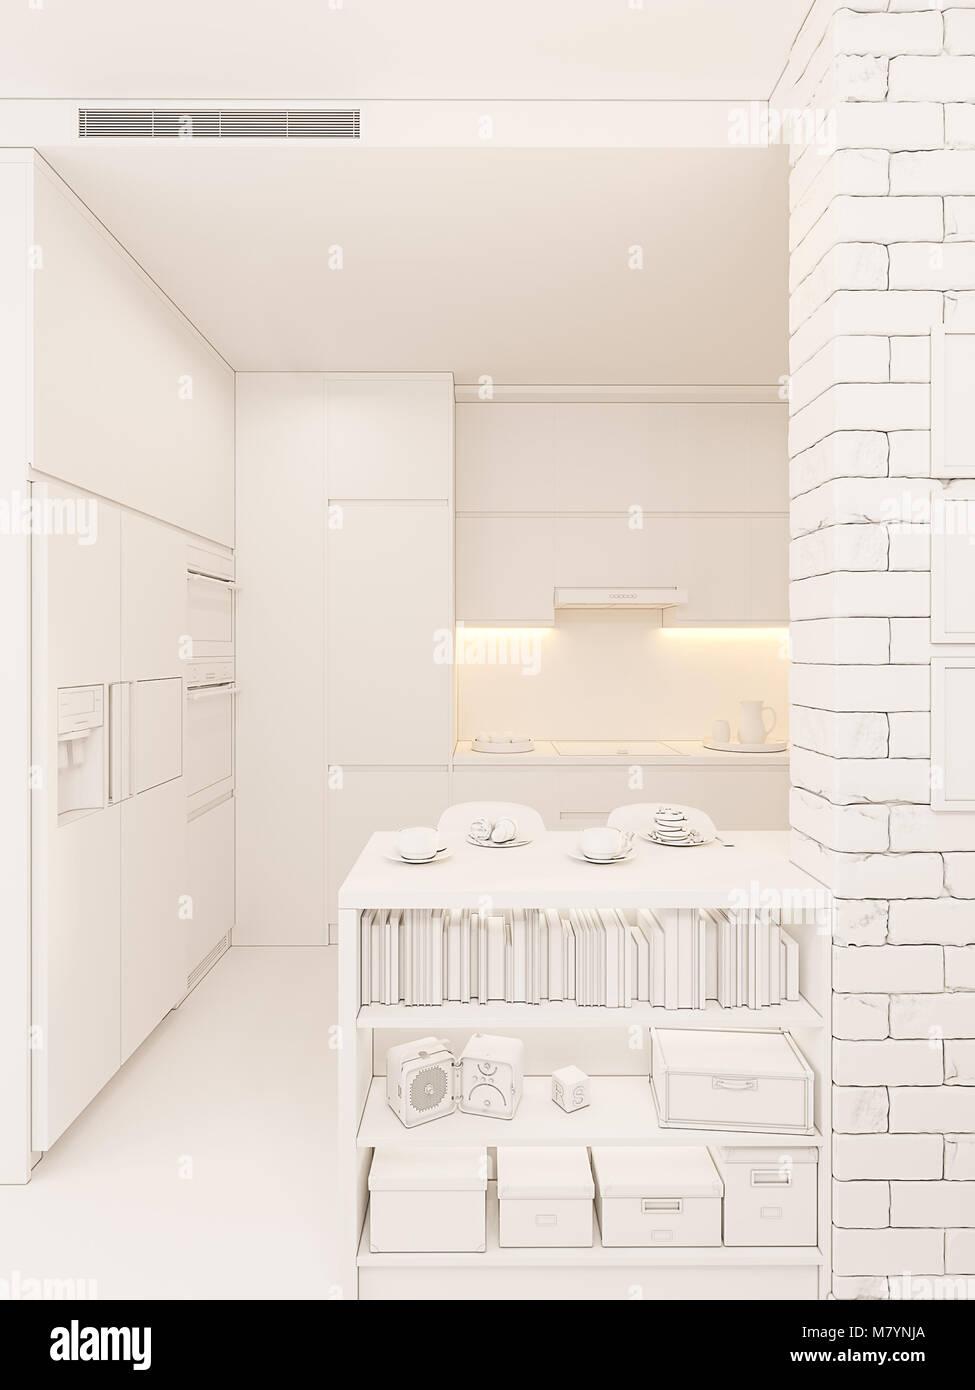 Ilustración 3d diseño interior cocina panorama en color blanco ...